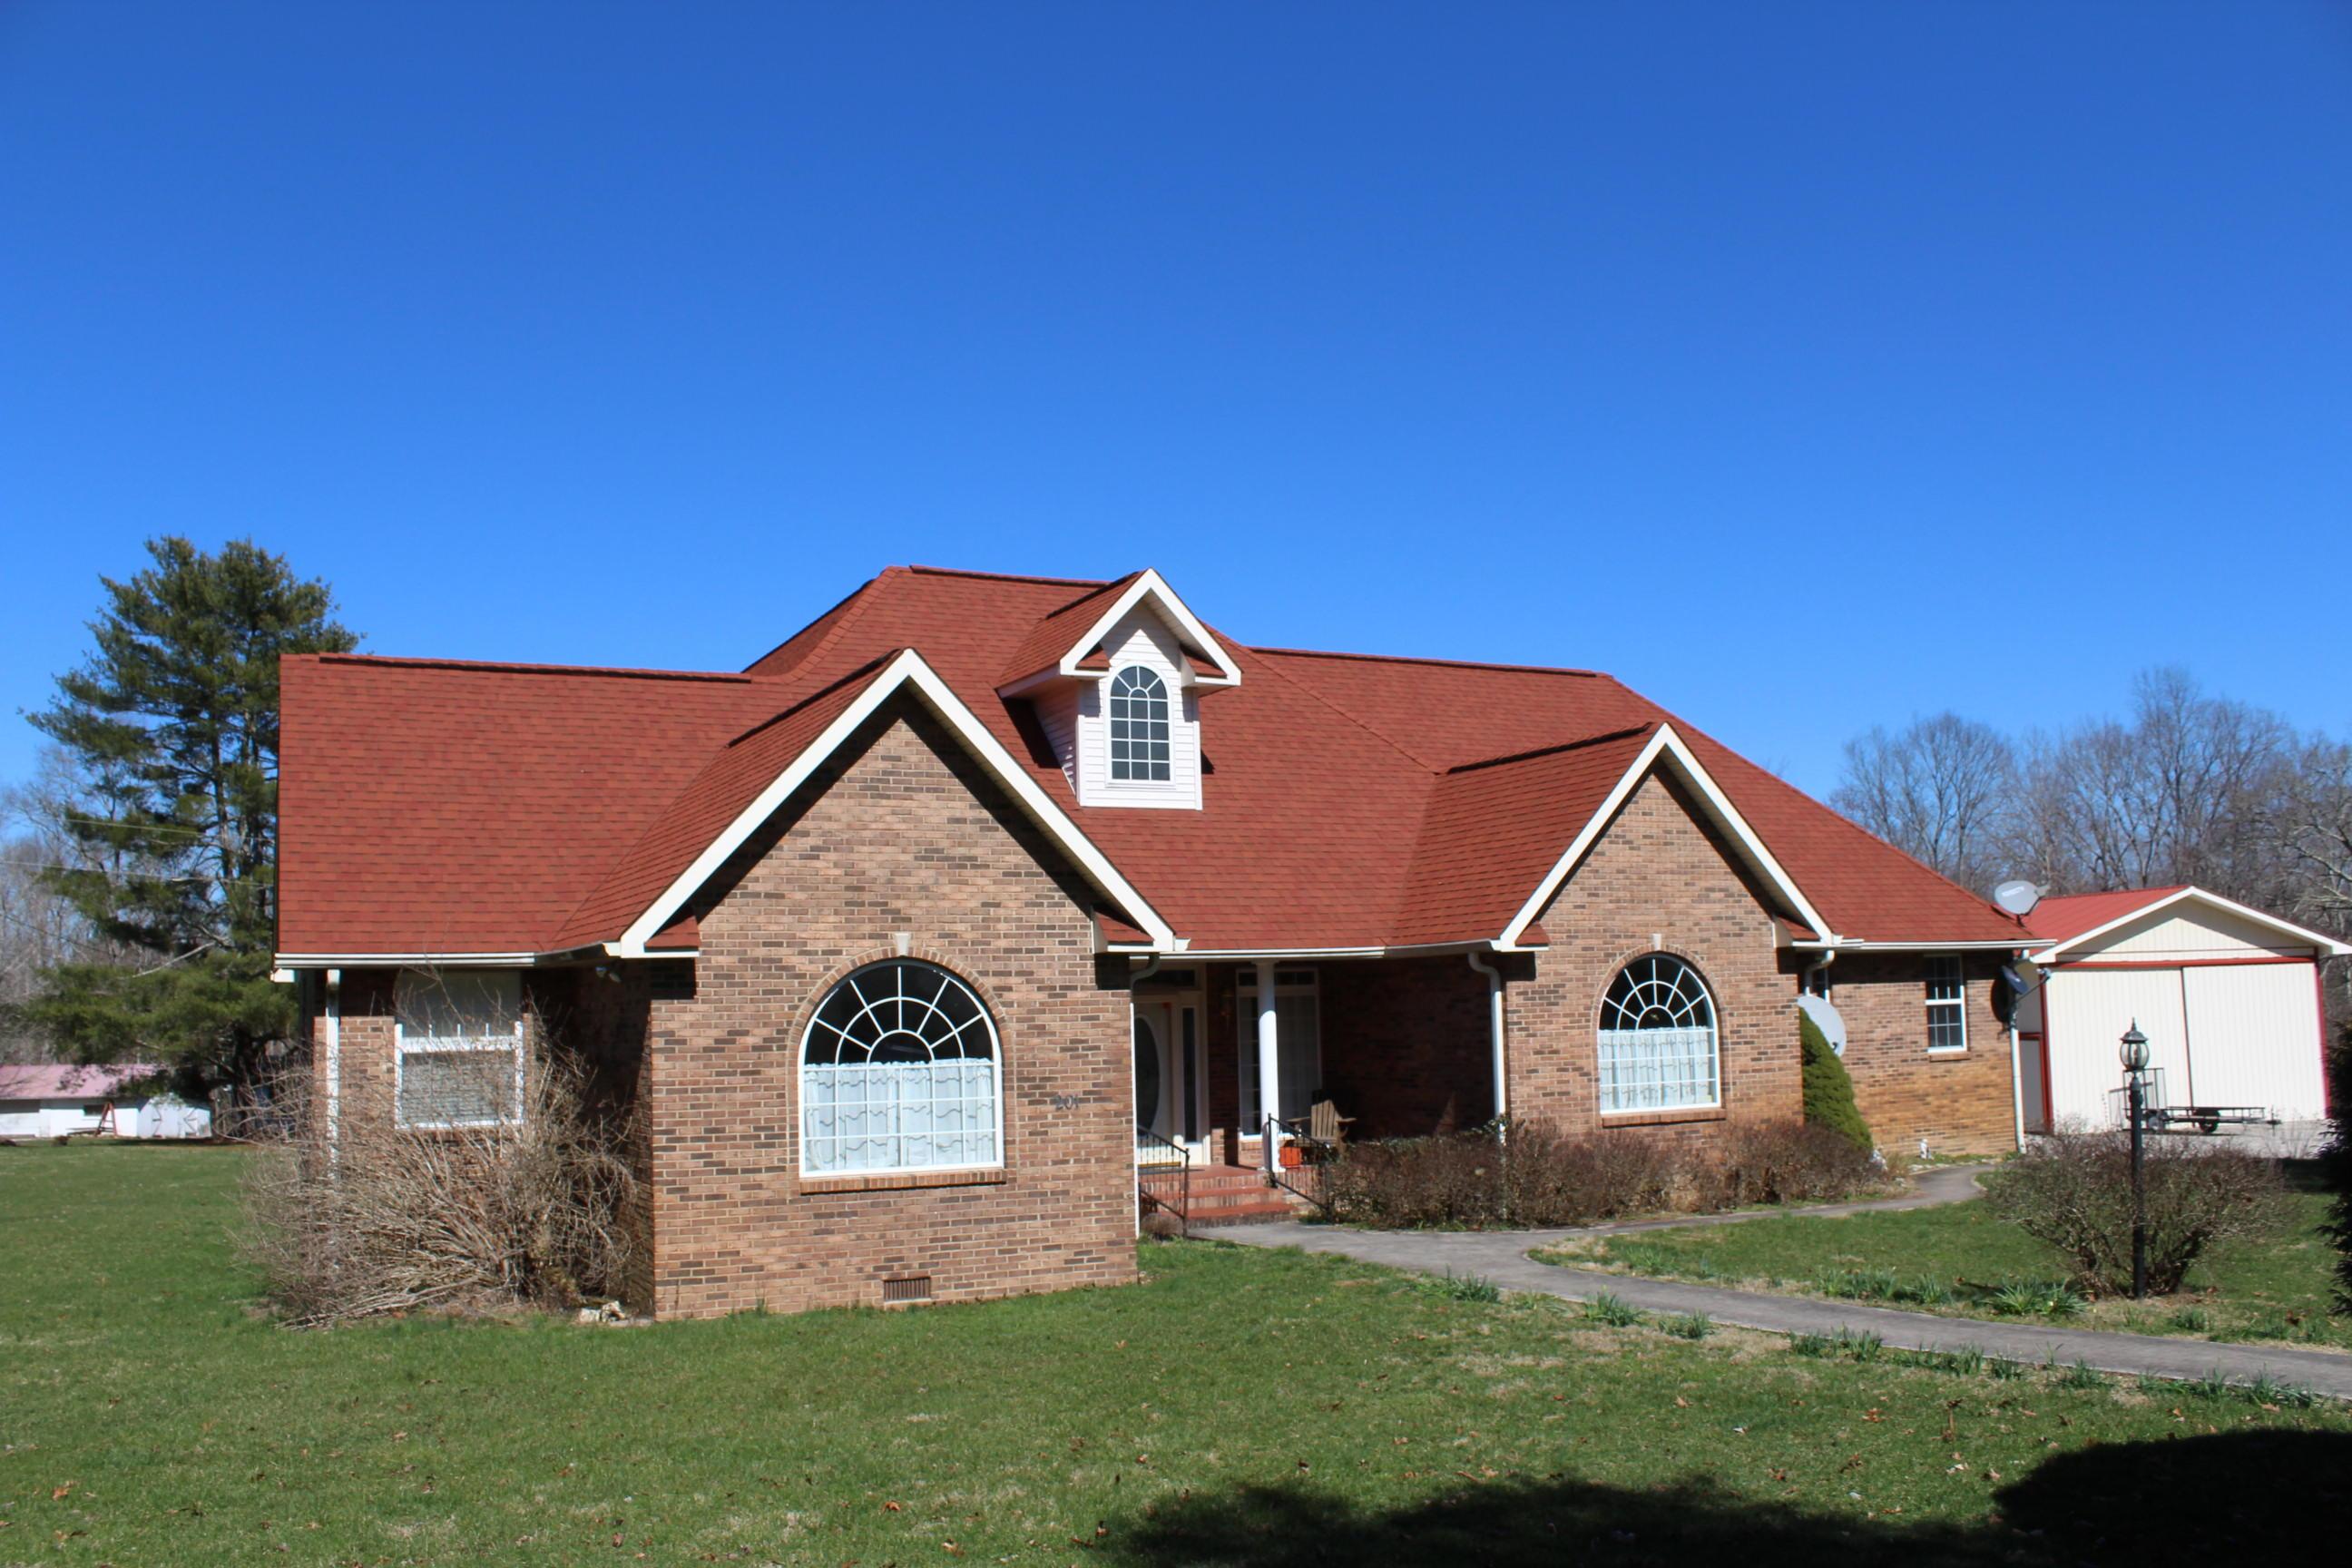 201 Red Wing Lane, Deer Lodge, TN 37726